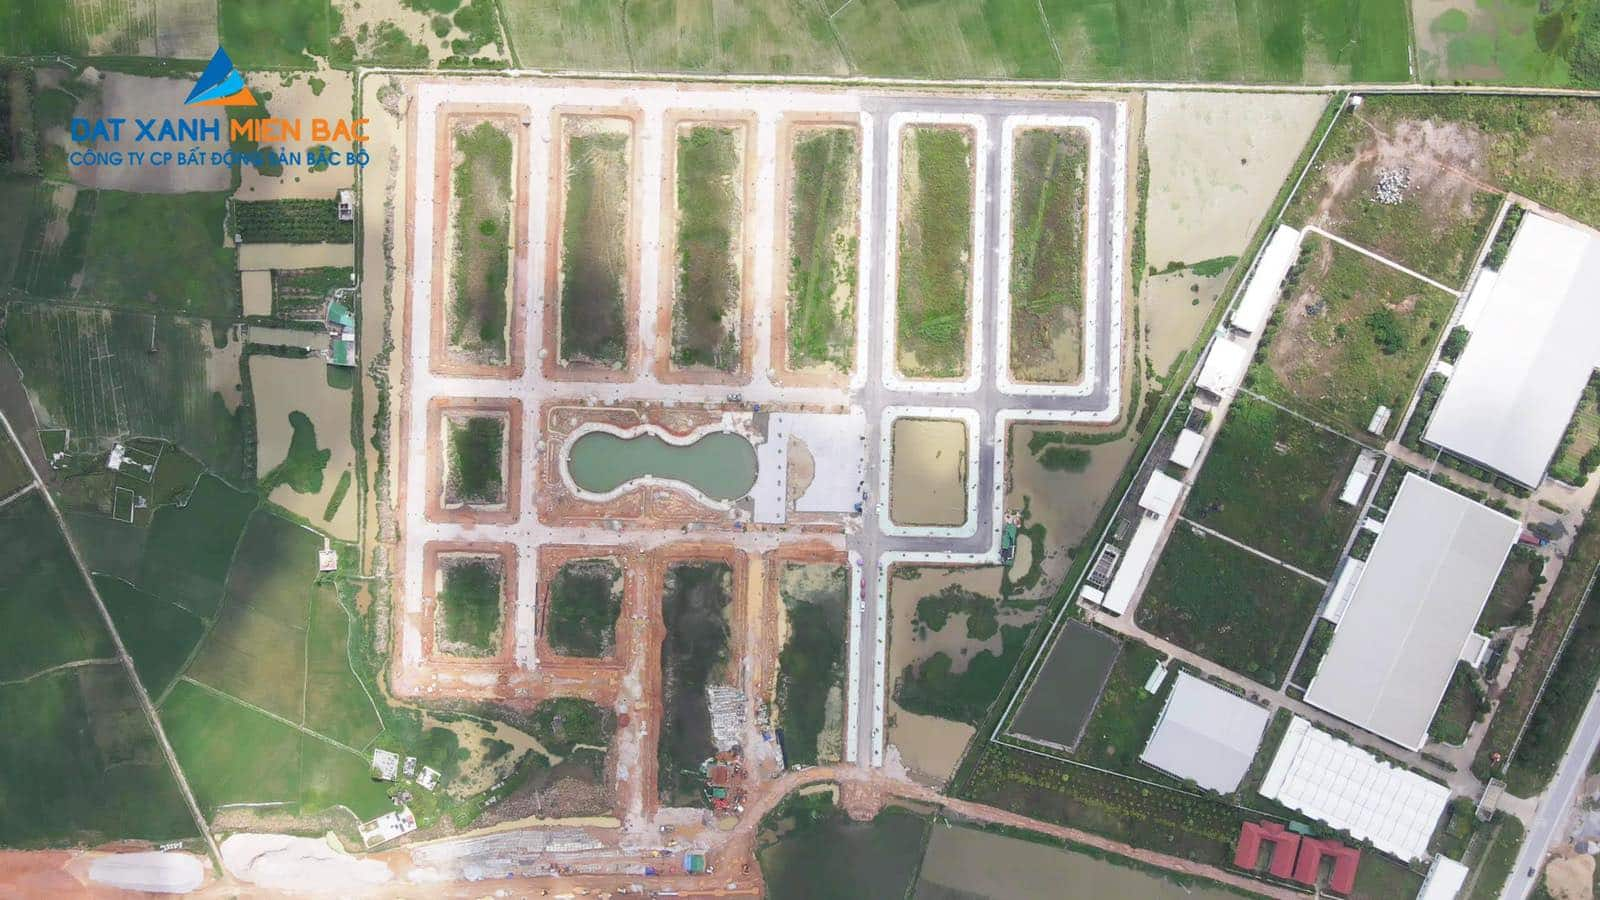 Đất đấu giá Mặt bằng MB650 Đồng Nam, Đông Khê, Đông Sơn